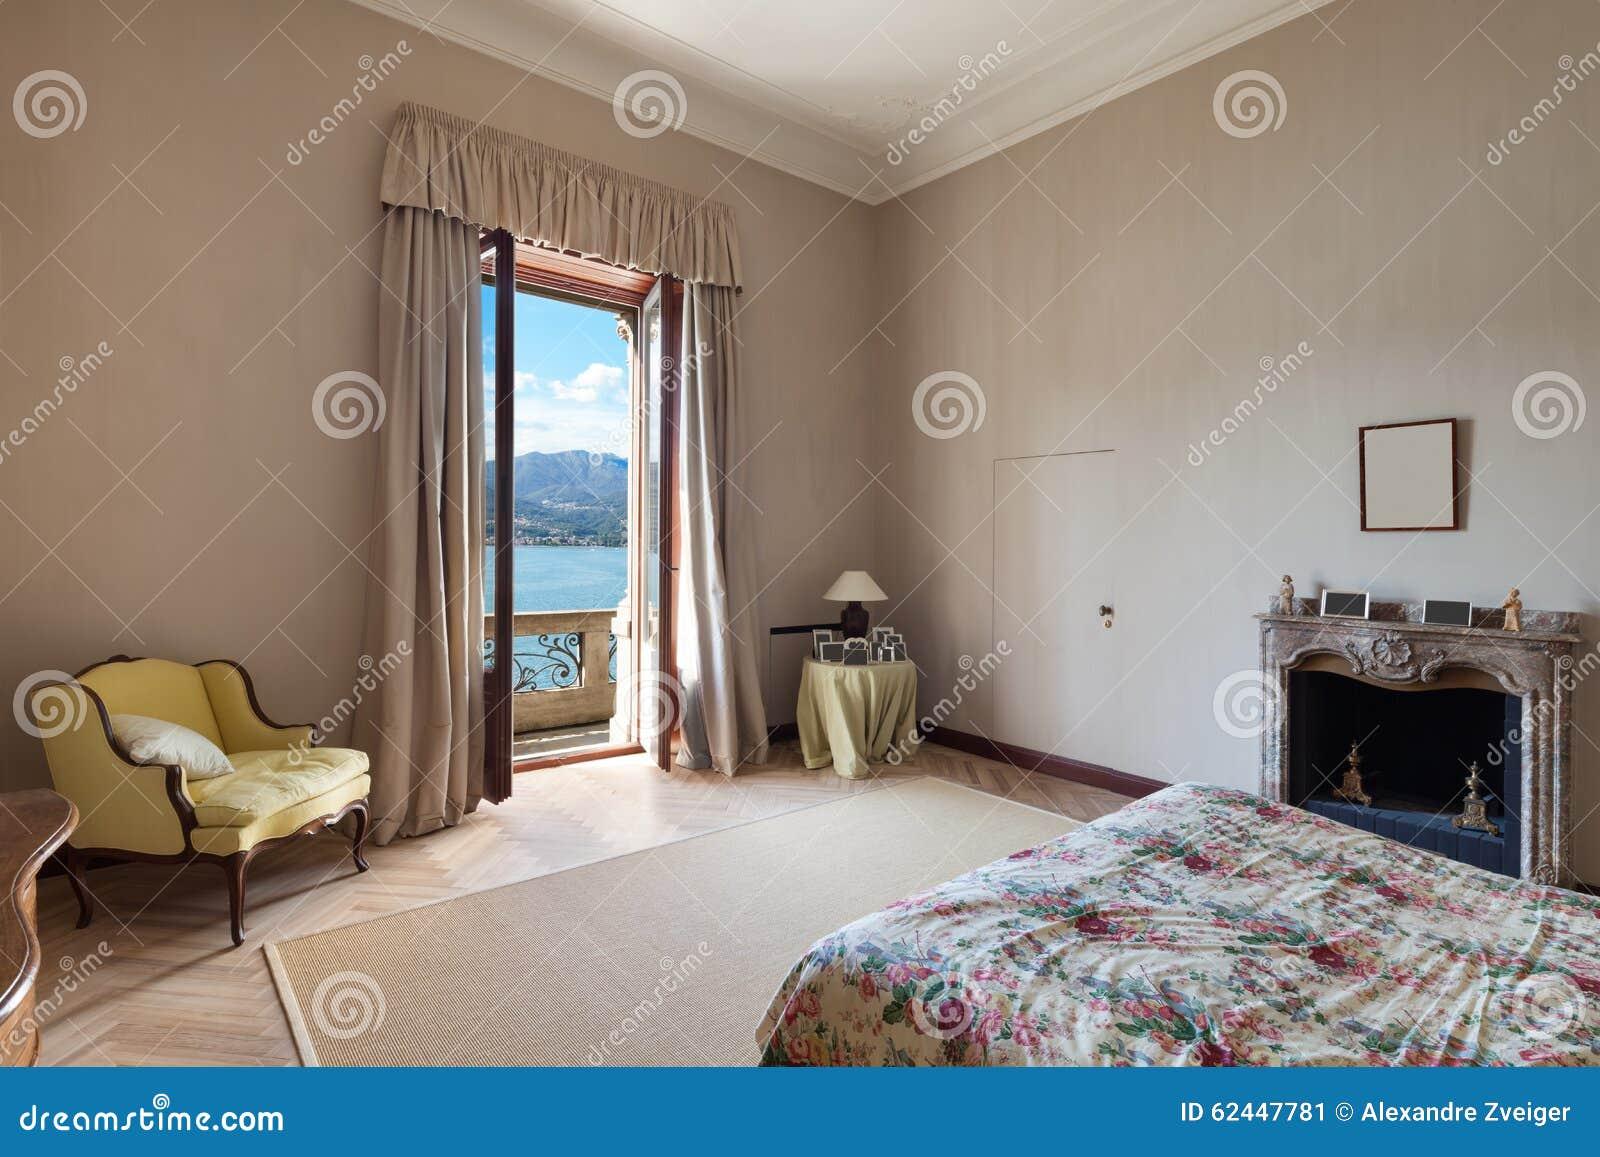 Nuova Camera Da Letto Nello Stile Classico Immagine Stock - Immagine ...